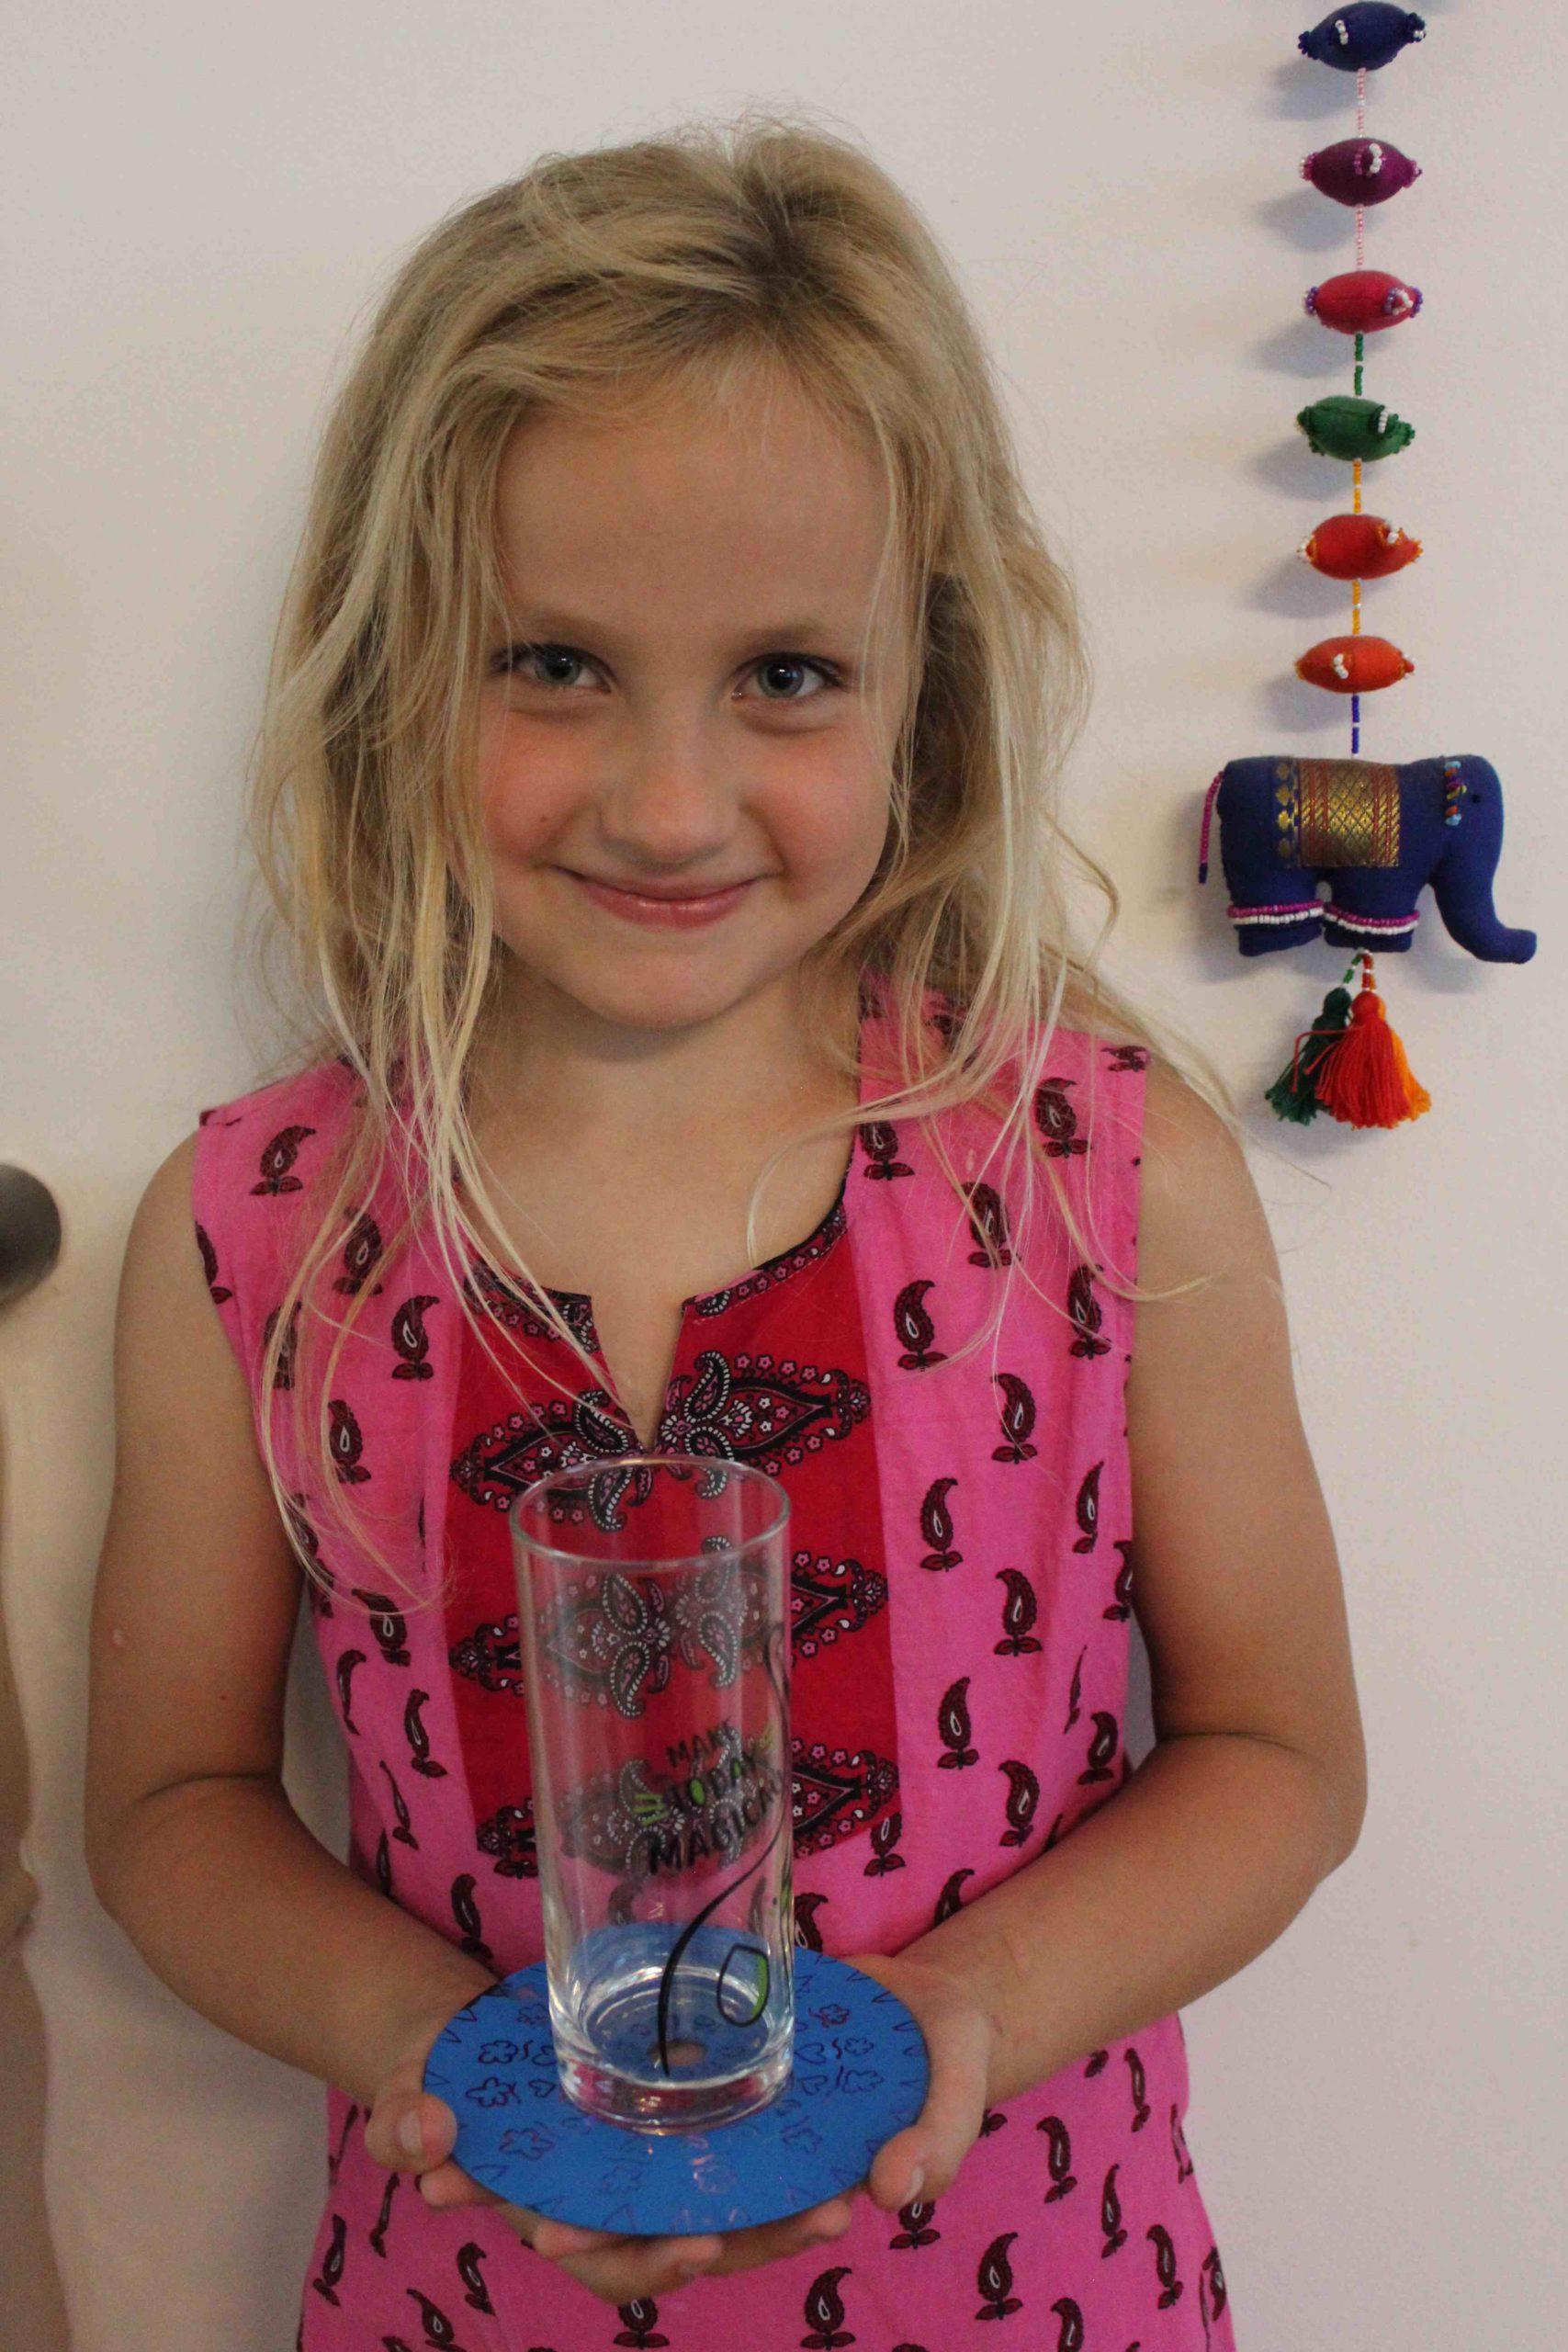 Sarah hält ein Glas auf dem CD-Untersetzer in den Händen (Quelle: Katharina Huber)